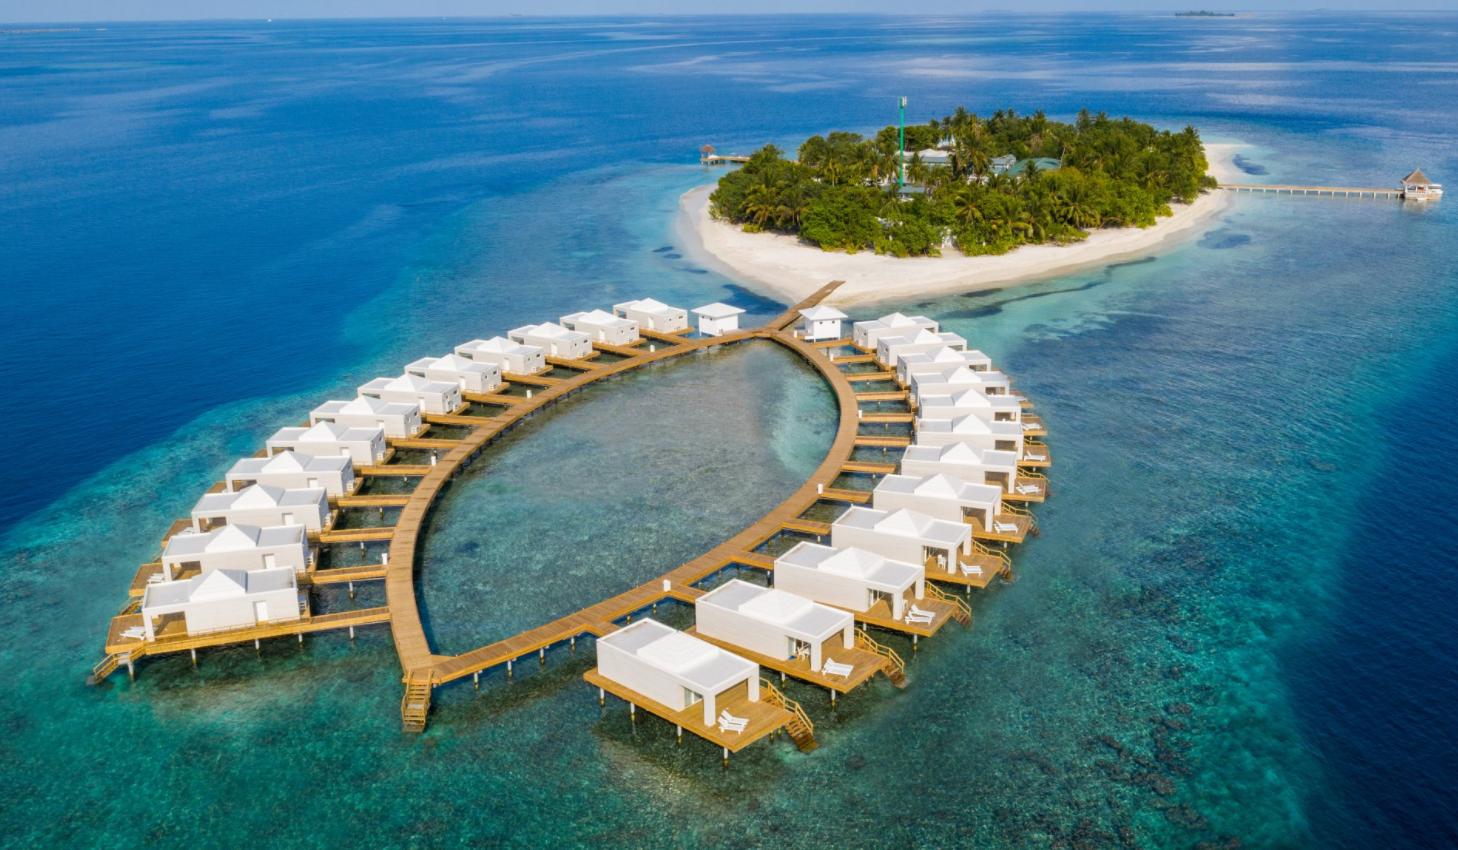 巴塔拉岛|桑迪斯 Sandies Bathala Maldives 鸟瞰地图birdview map清晰版 马尔代夫